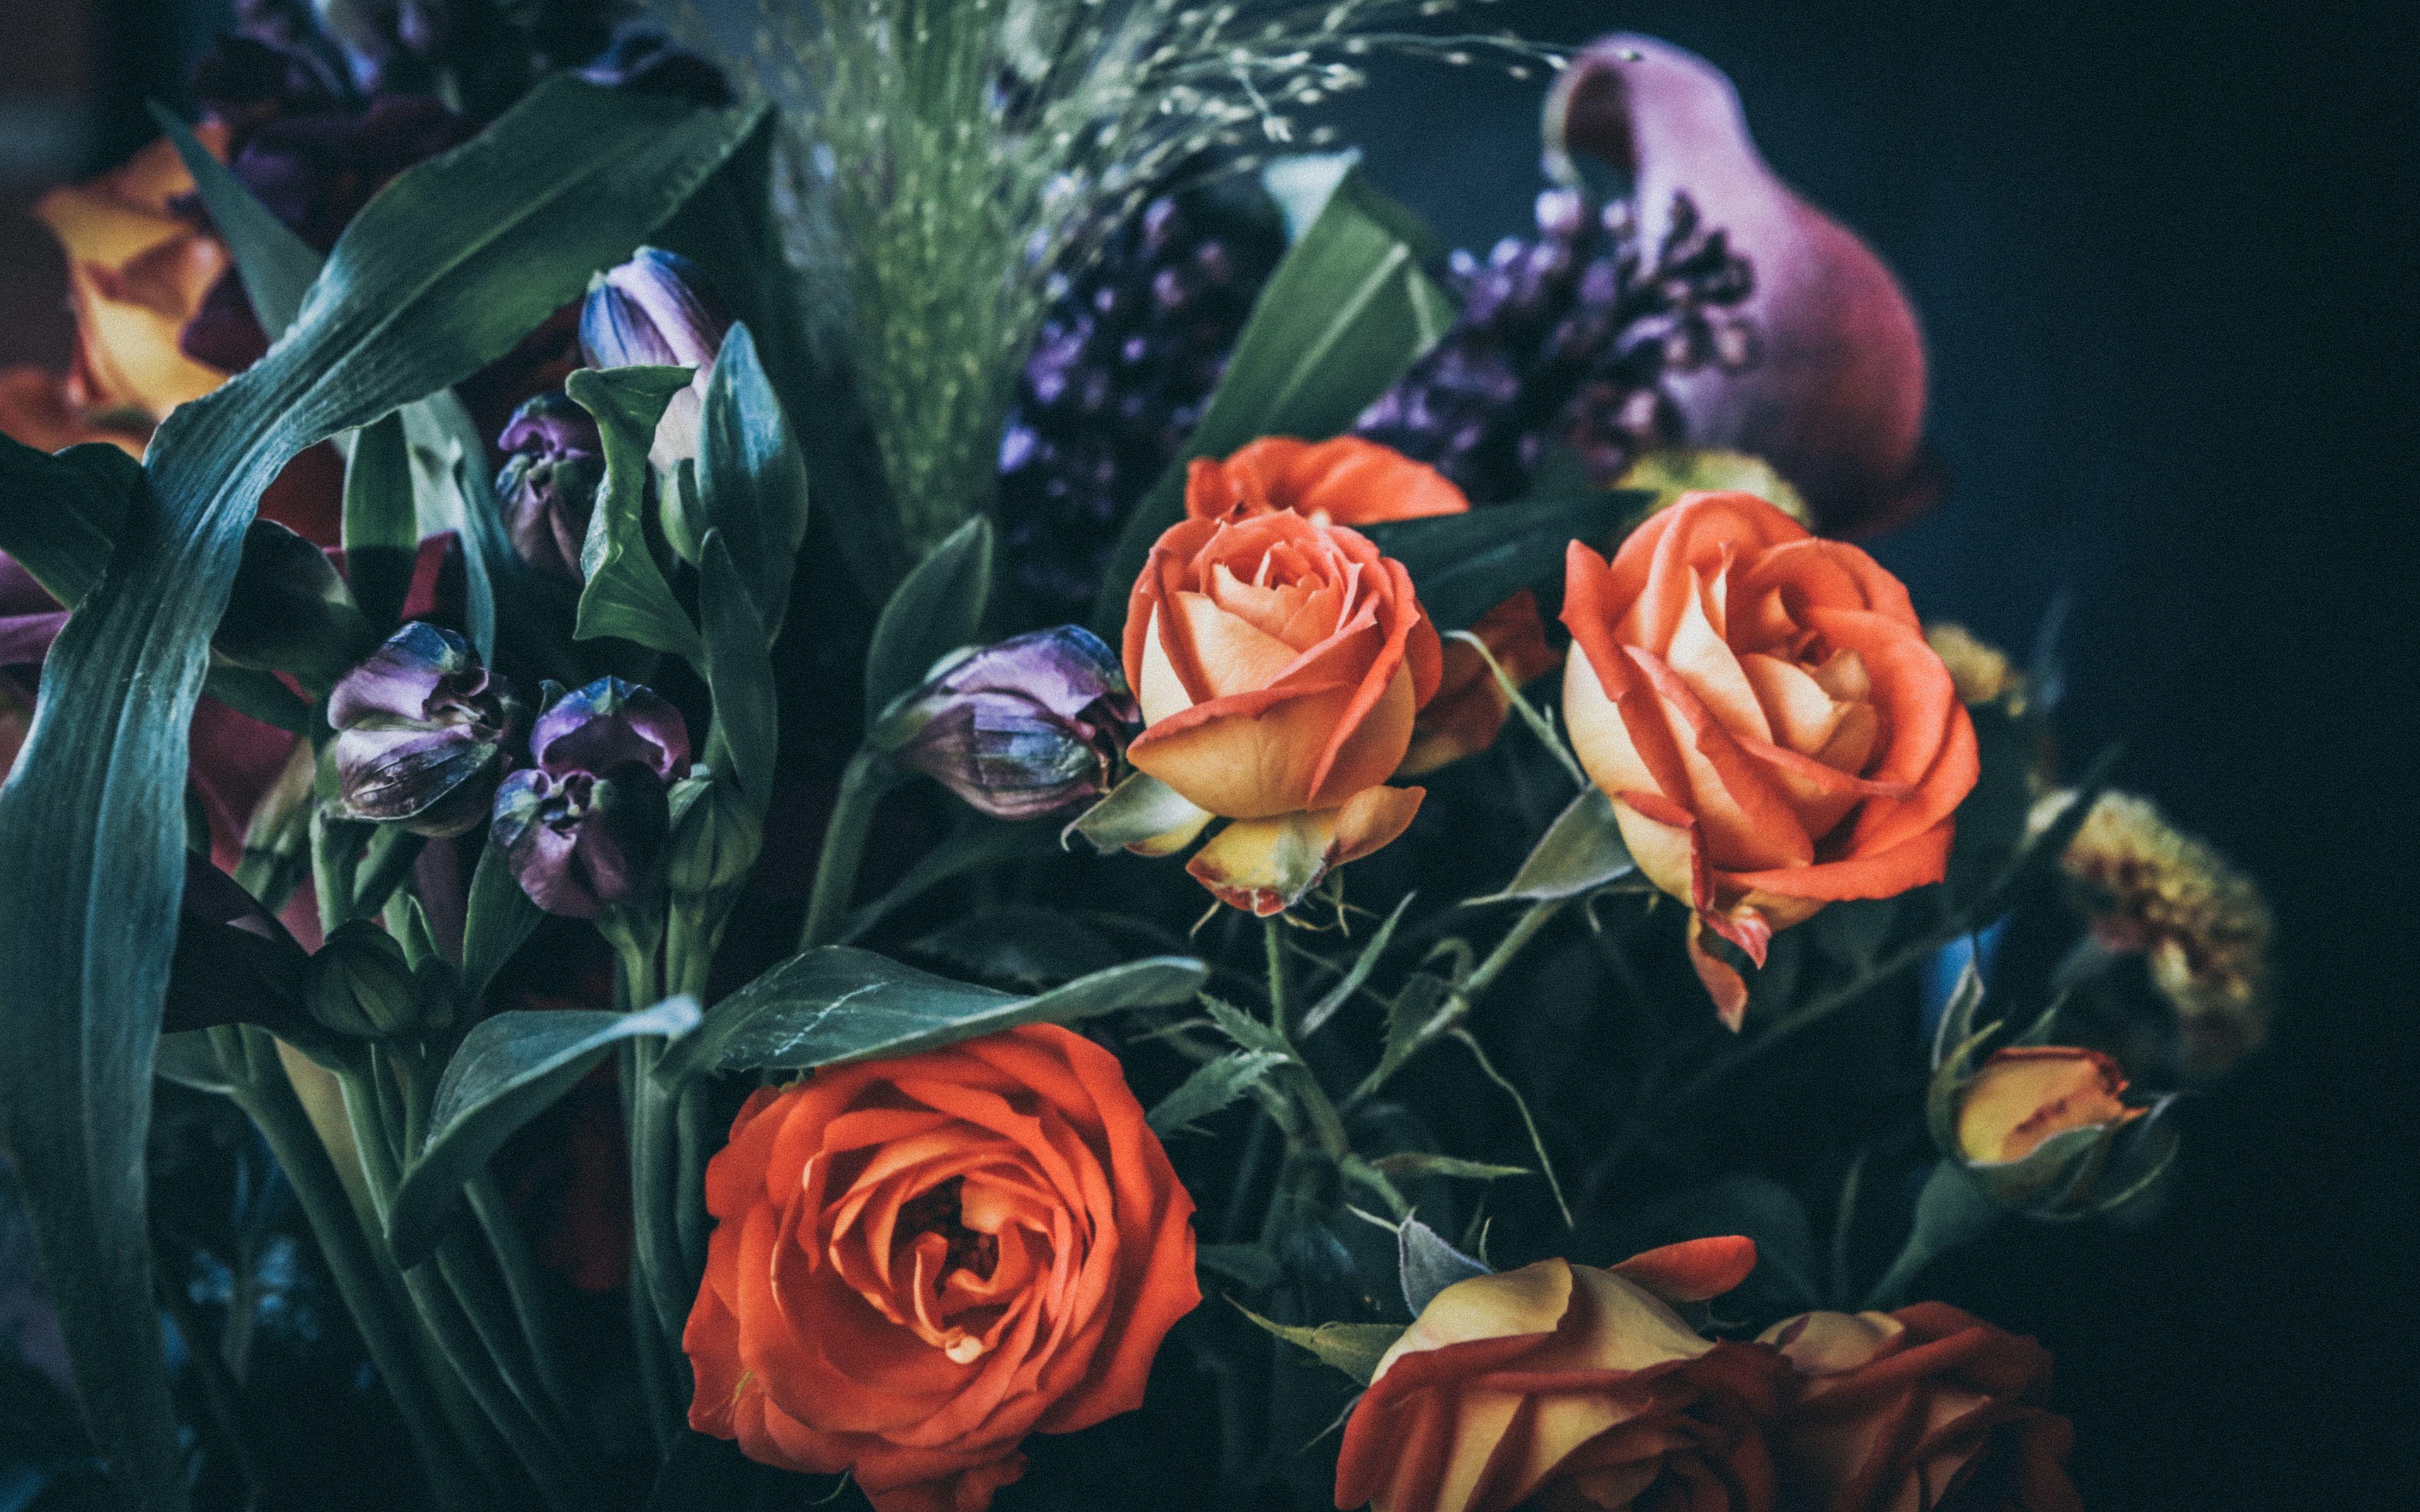 Fondos de pantalla Ramo de rosas